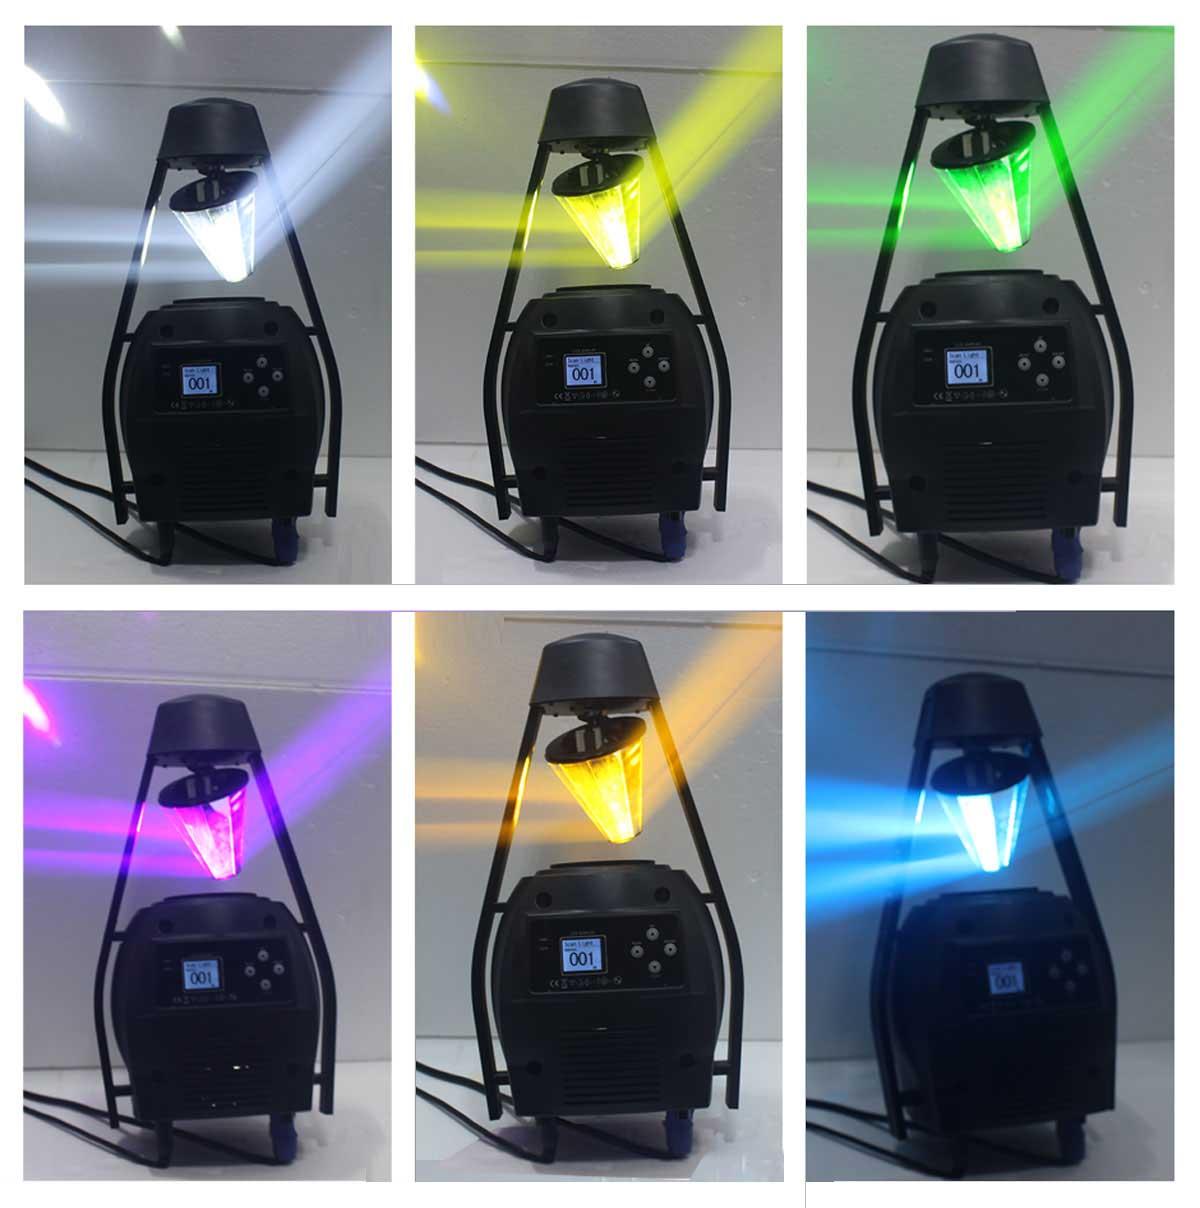 Đèn led xoáy trung tâm, các loại đèn led scanner sân khấu